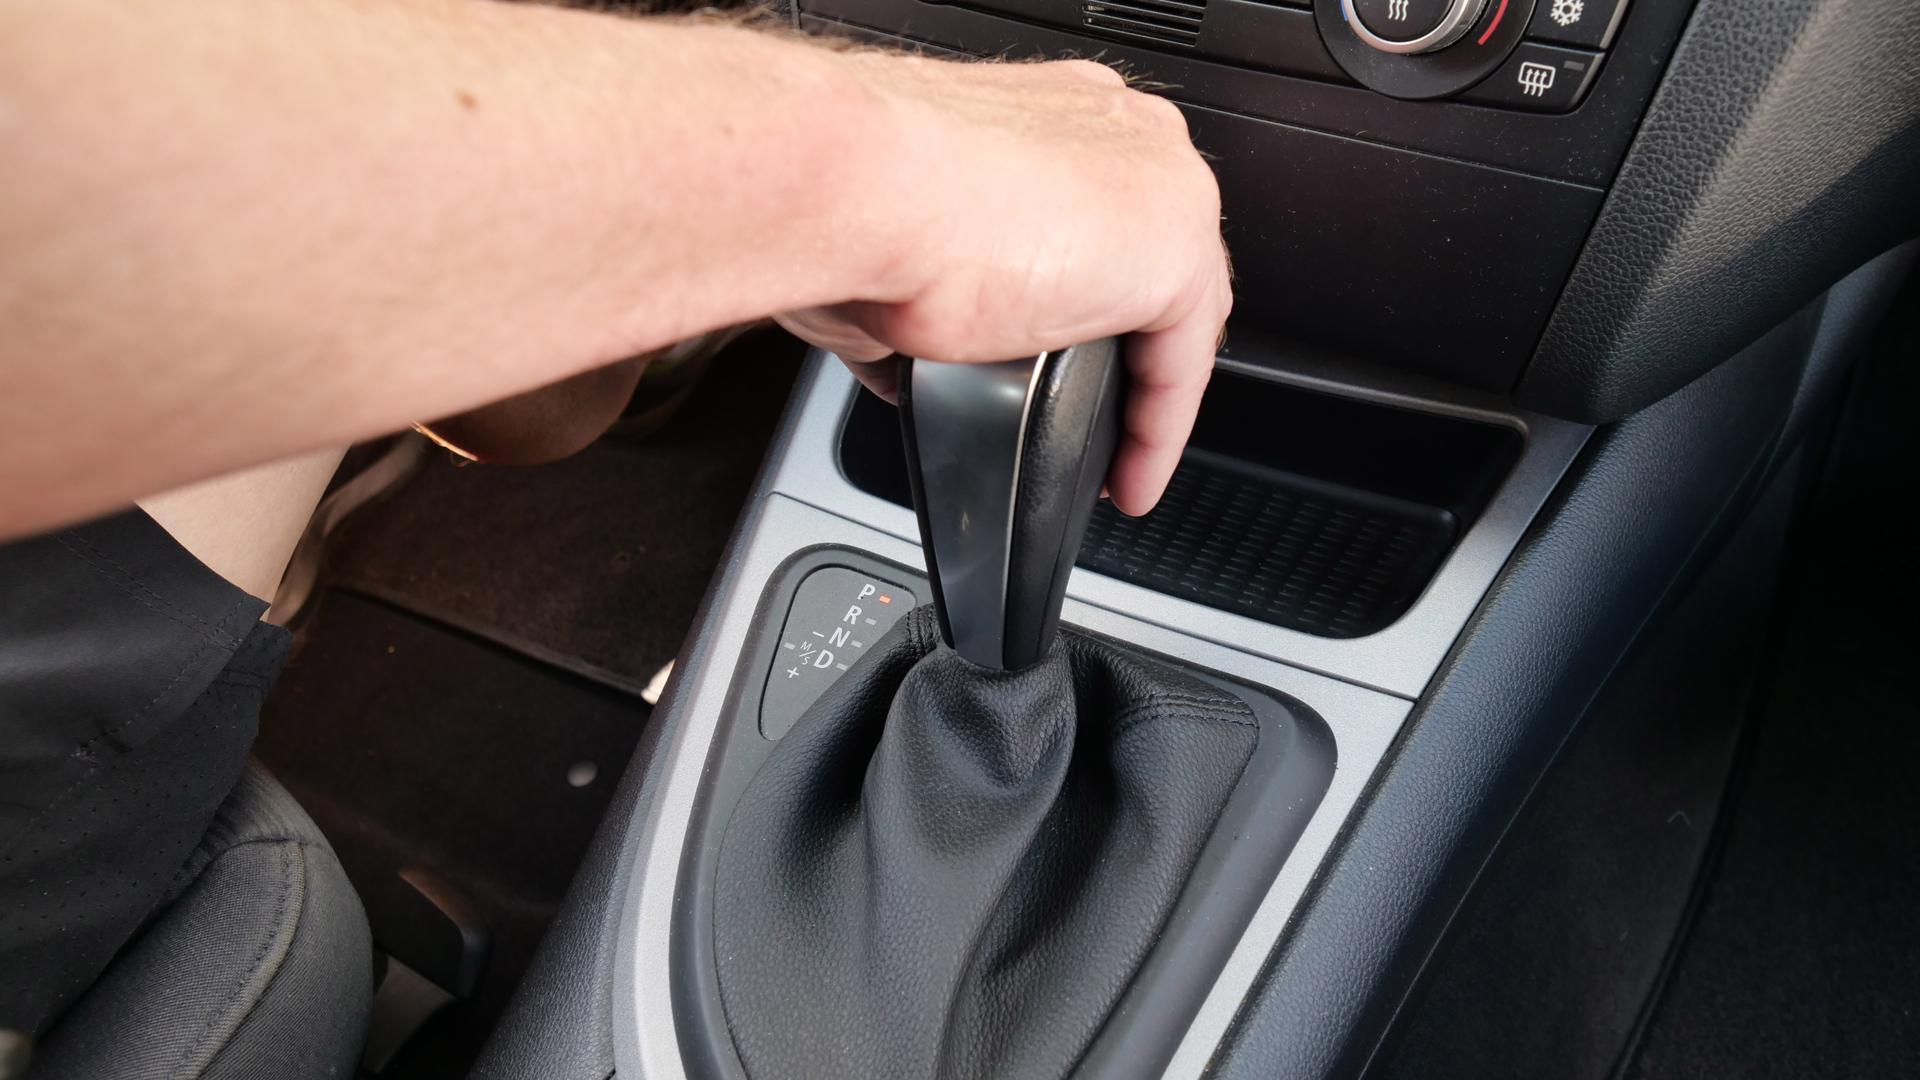 Automatik boomt: Weil immer weniger Autofahrer manuell schalten, sind auch in den Fahrschulen Automatik-Autos auf dem Vormarsch.